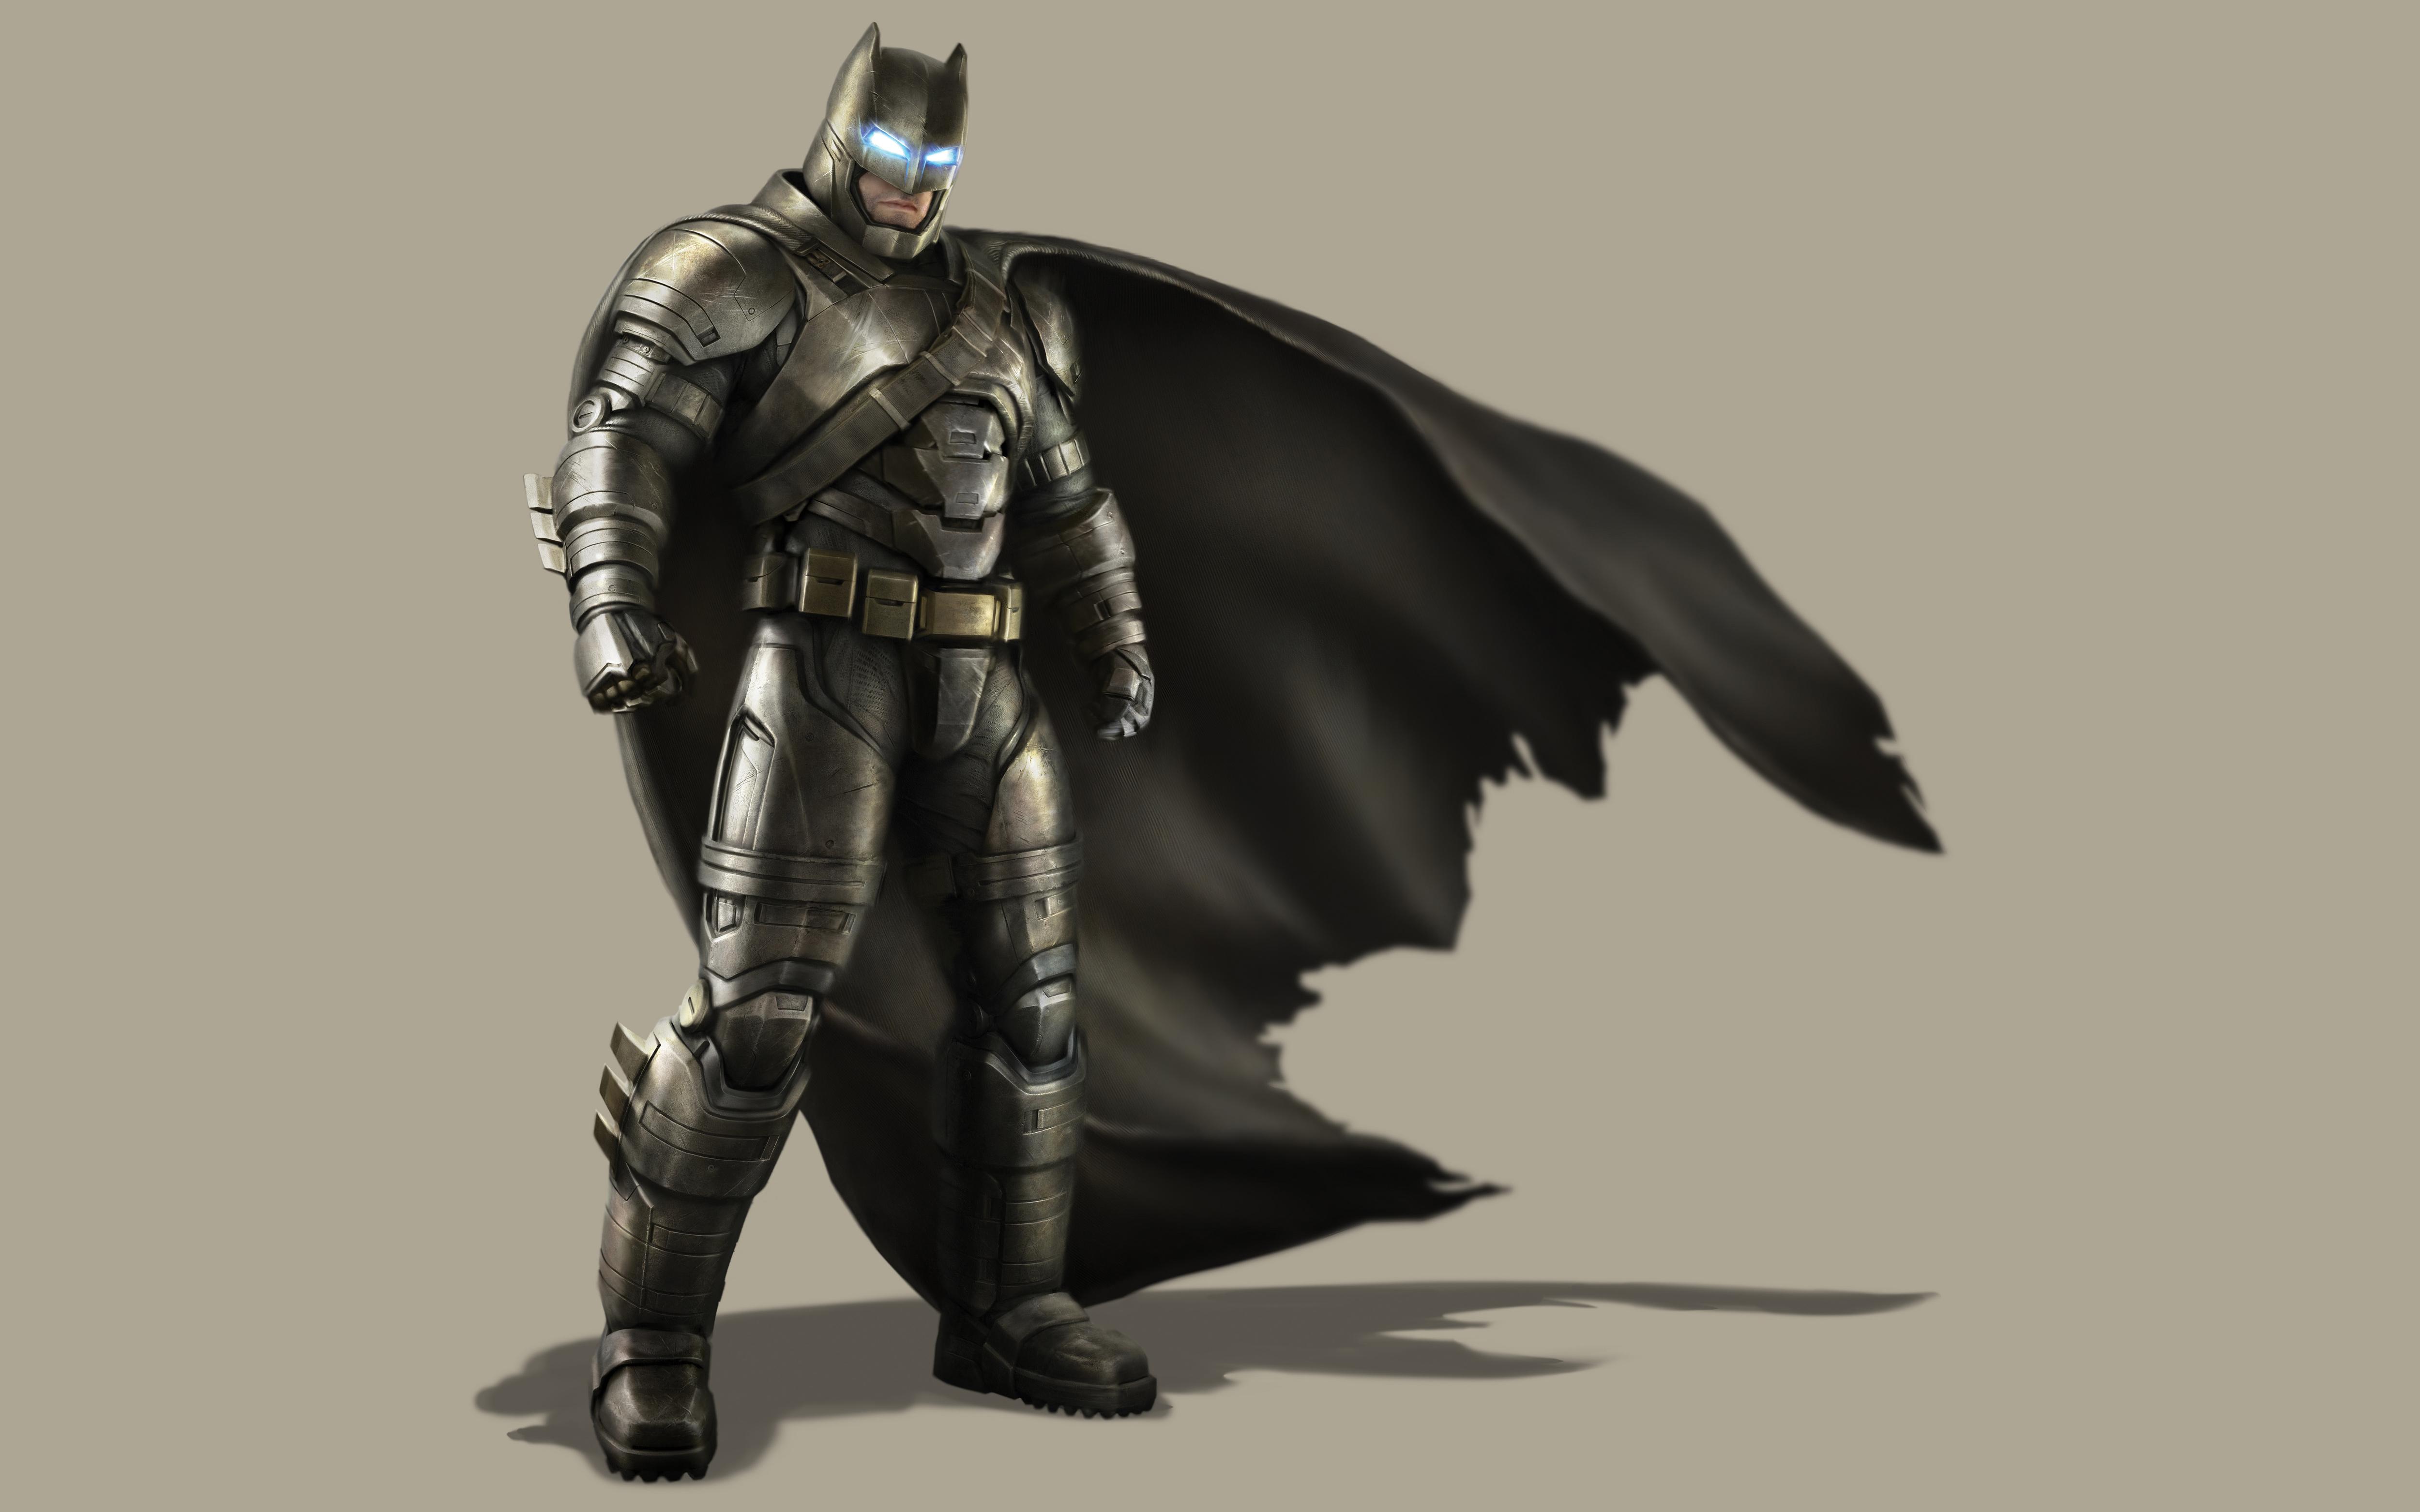 Бэтмен 8к. обои скачать